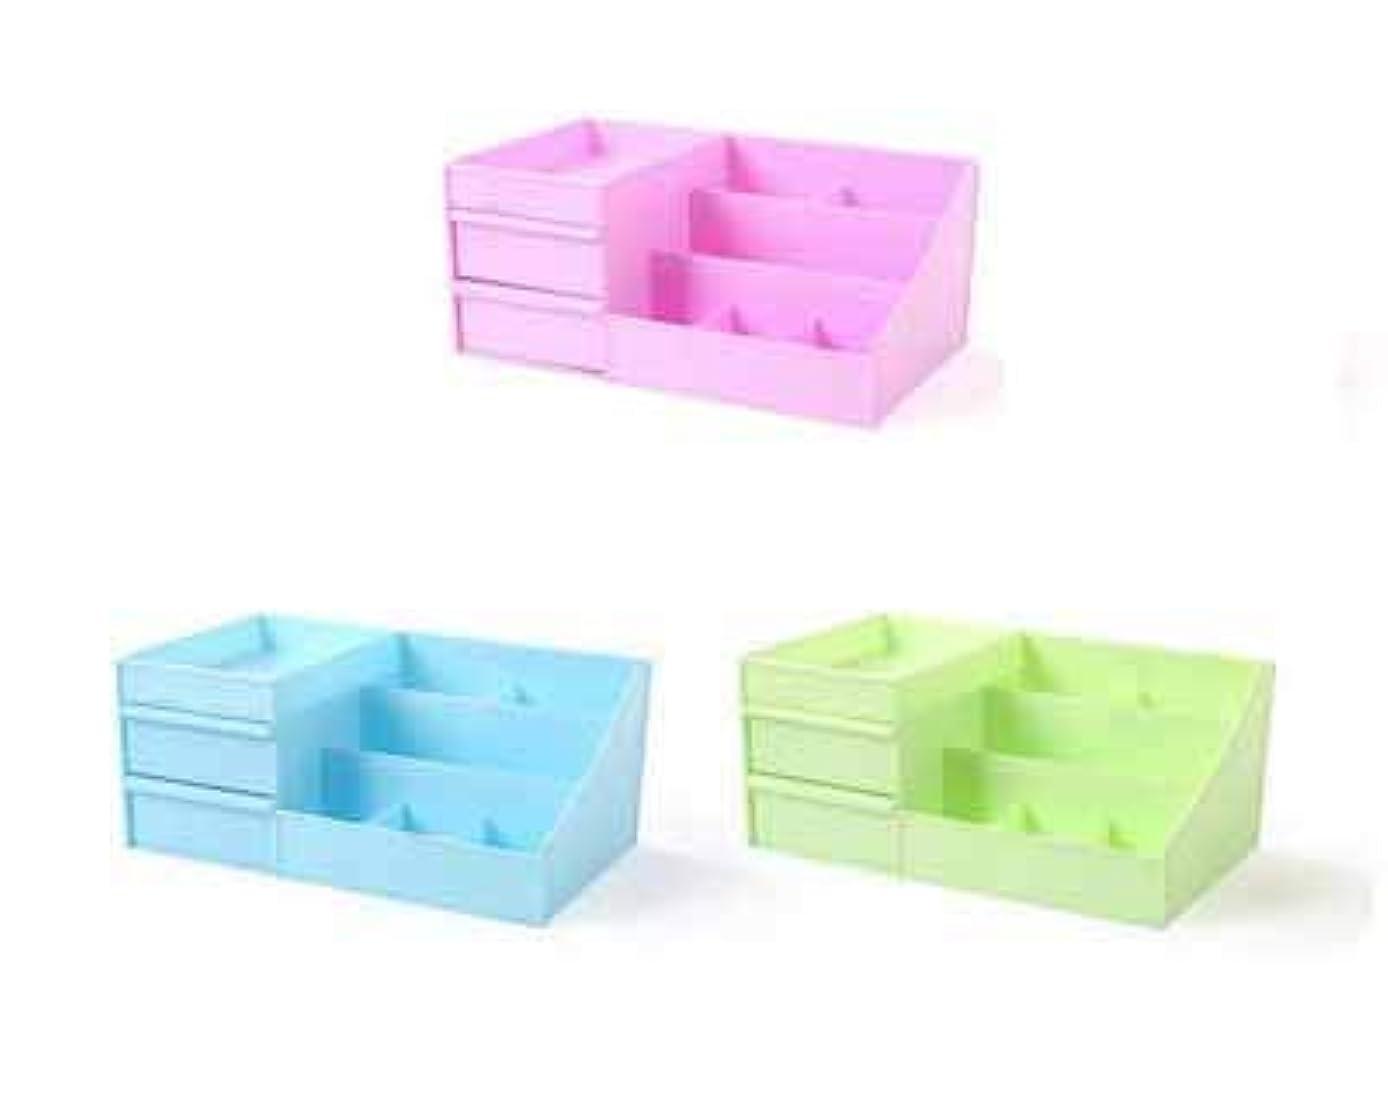 ハンドブック維持する重要化粧品収納ボックスプラスチックの創造的な家庭用品デスクトップの破片の宝石箱大きな引き出し (Color : グリンー)